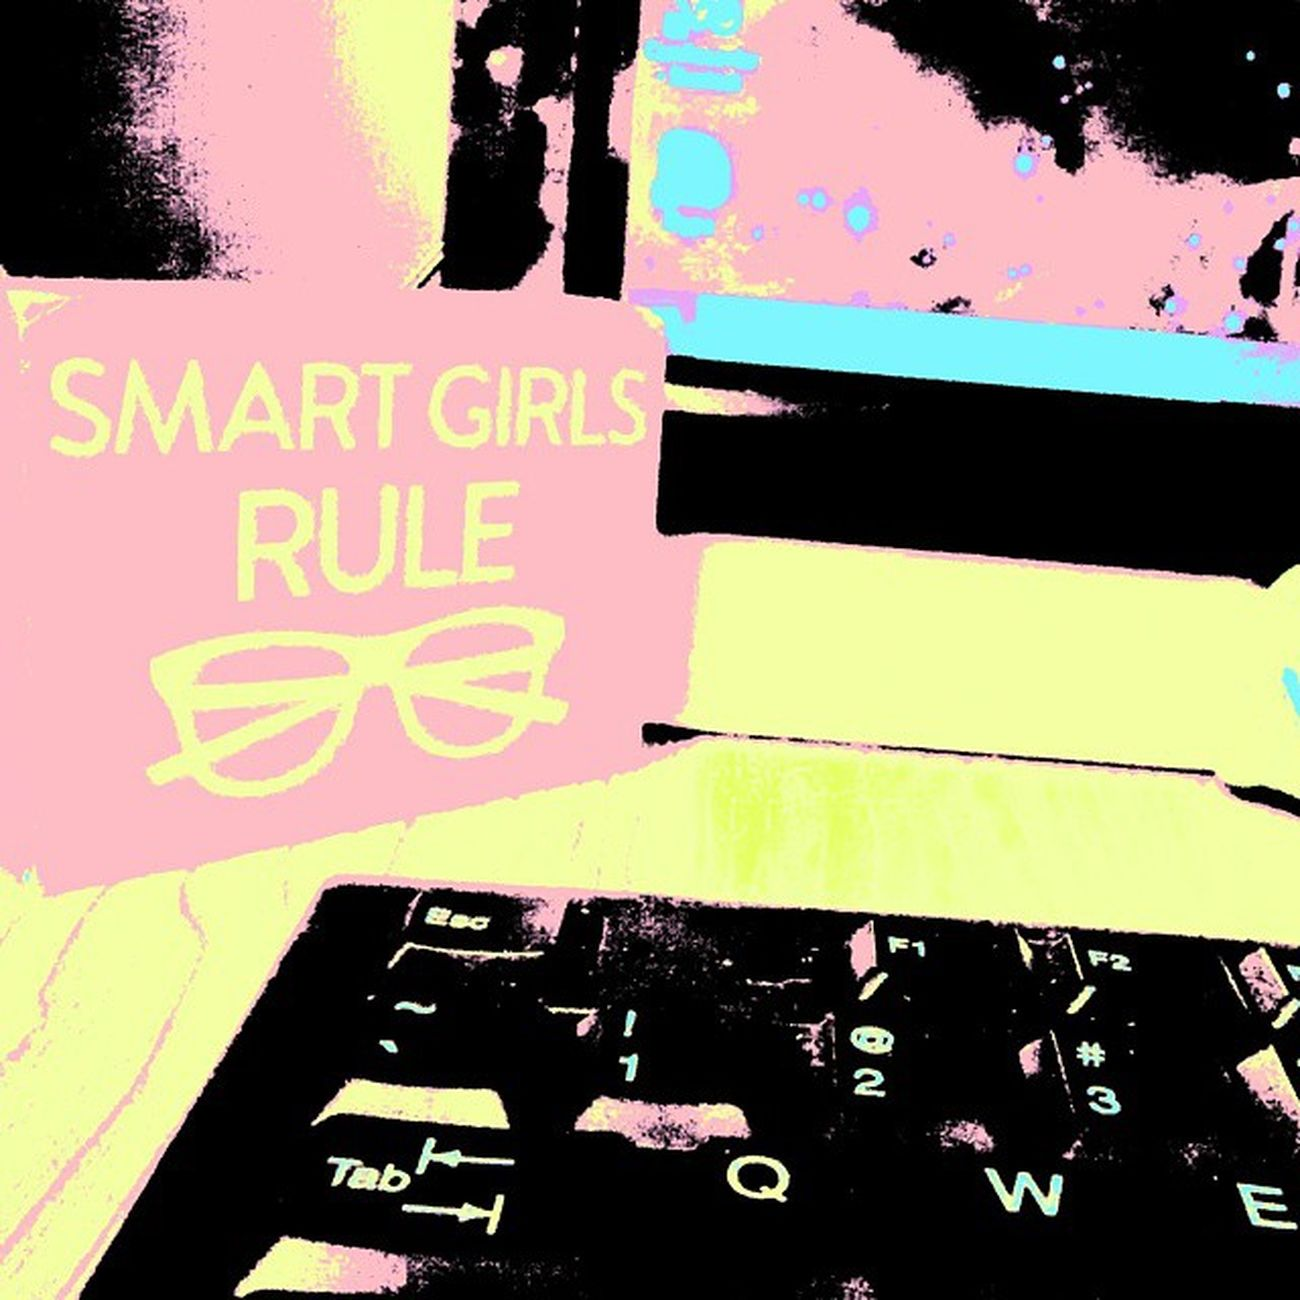 Office Desk Smartgirlsrule Glasses schoolsupplies